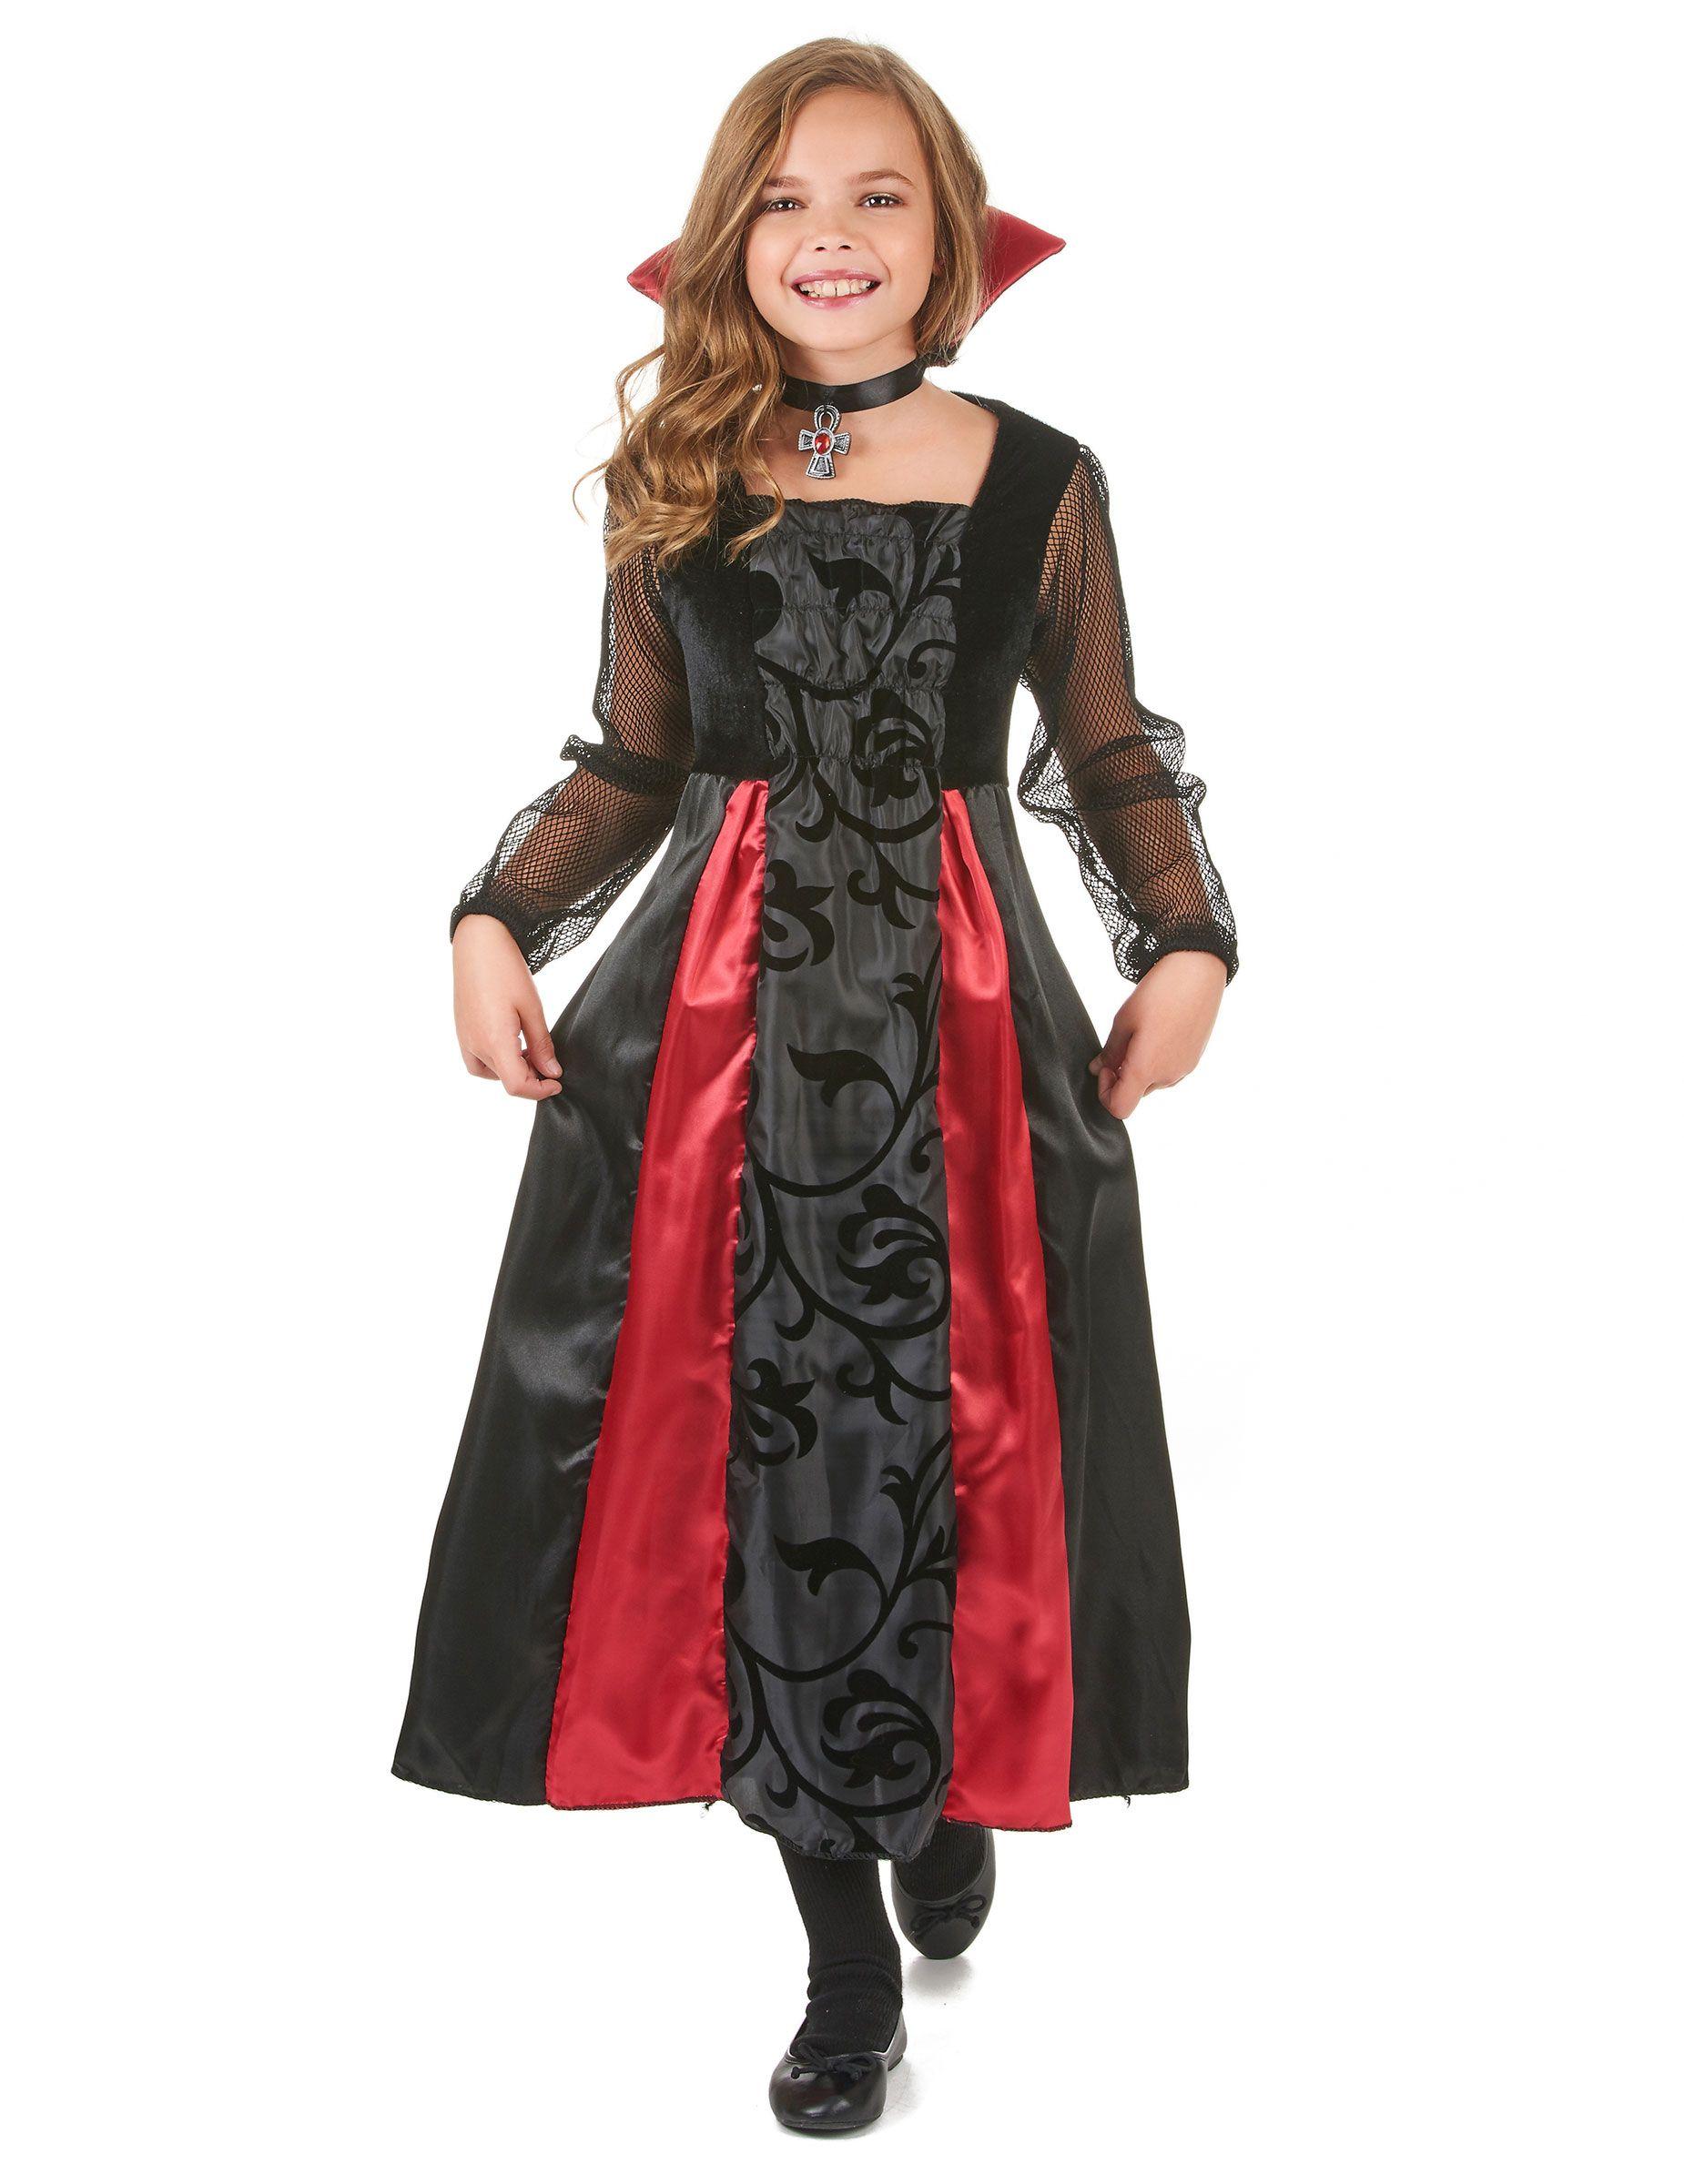 d09c7fa44 Disfraz de vampiro para niña: Este disfraz de vampira para niña está  compuesto de un